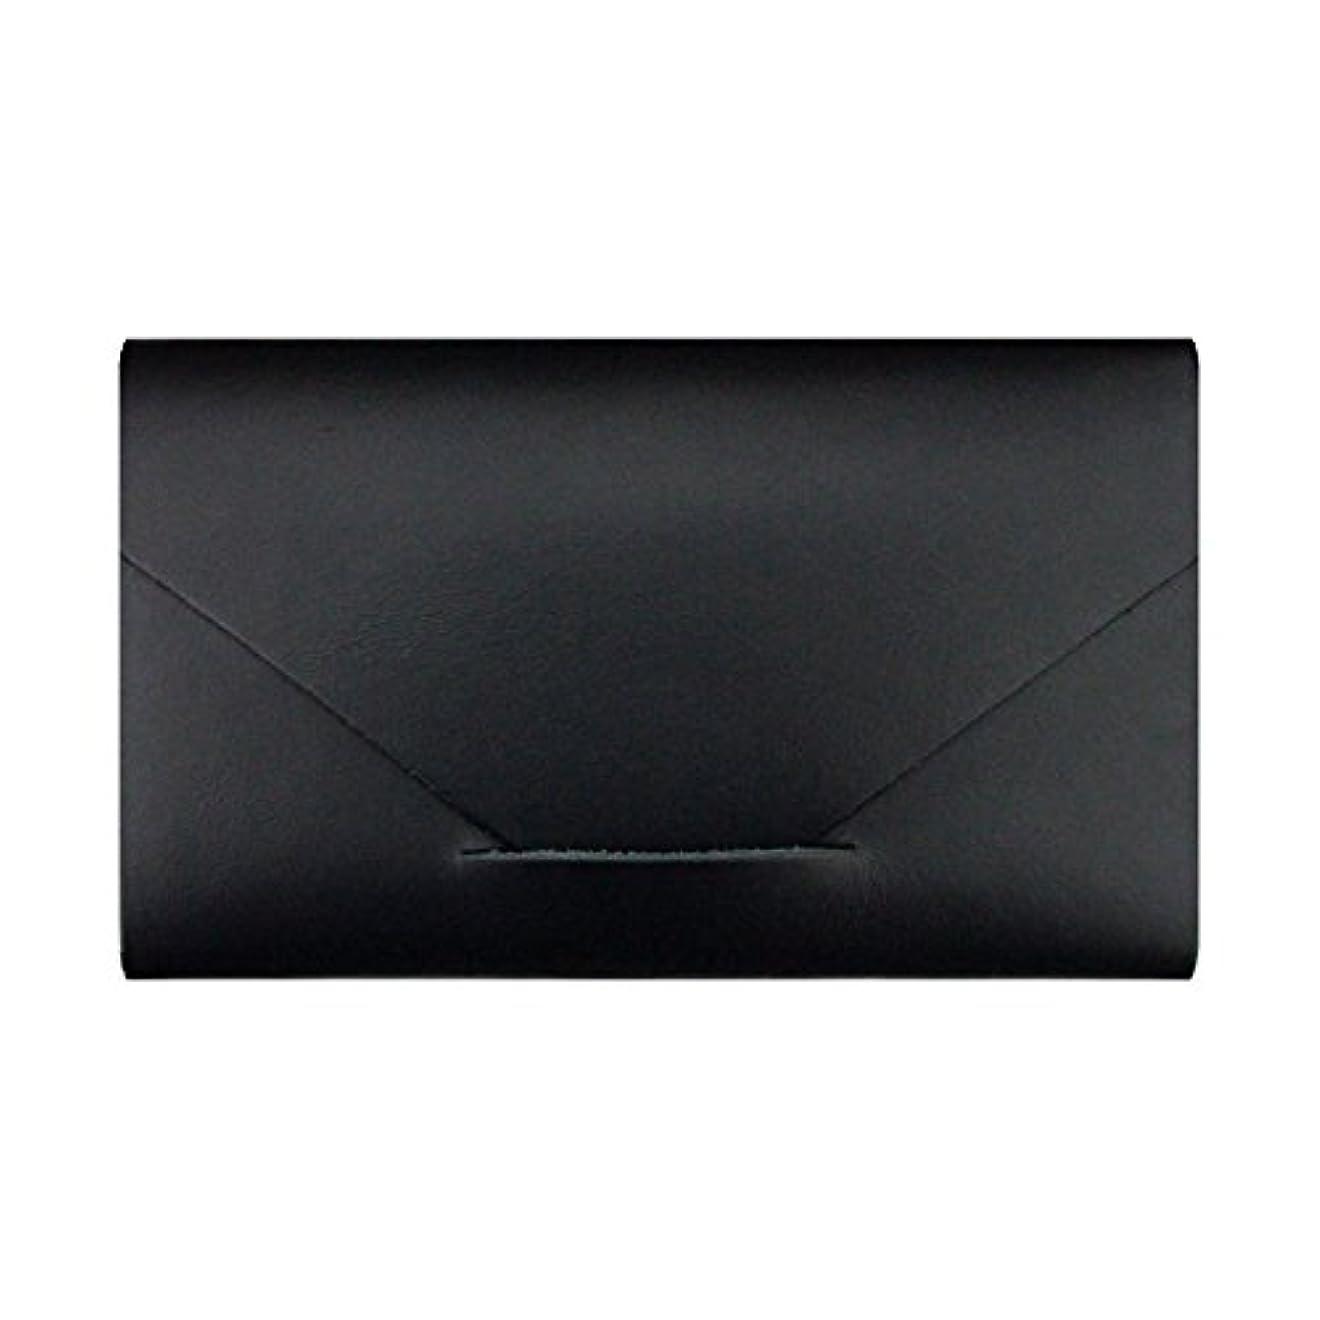 MODERN AGE TOKYO 2 カードケース(サシェ3種入) ブラック BLACK CARD CASE モダンエイジトウキョウツー